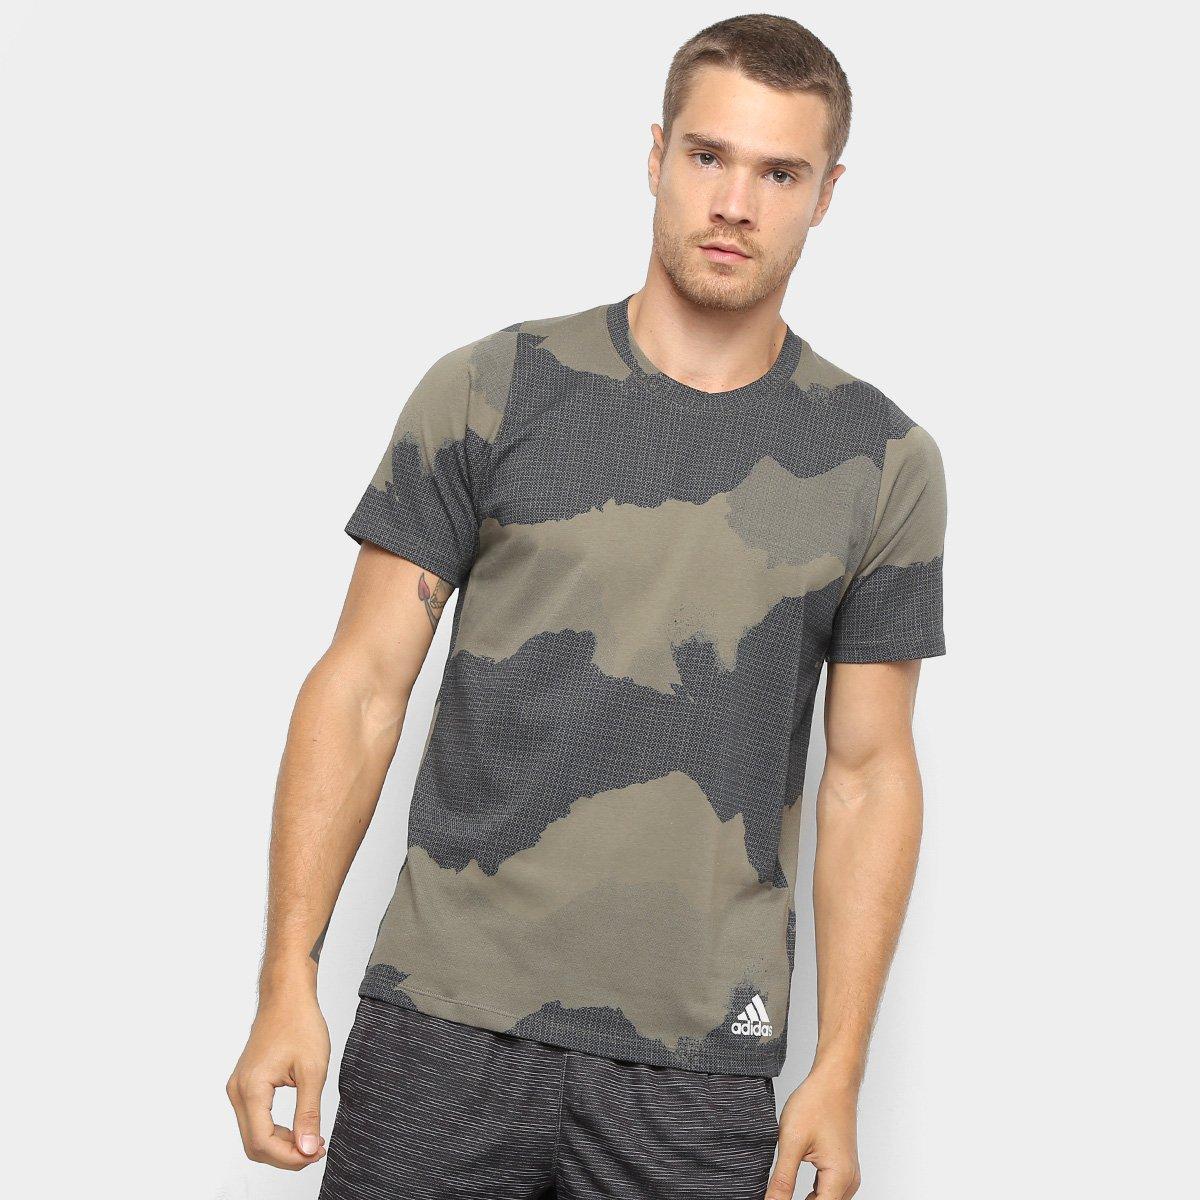 profesional de venta caliente amplia selección producto caliente Camiseta Adidas Fltec Gf Cam Masculina | Zattini